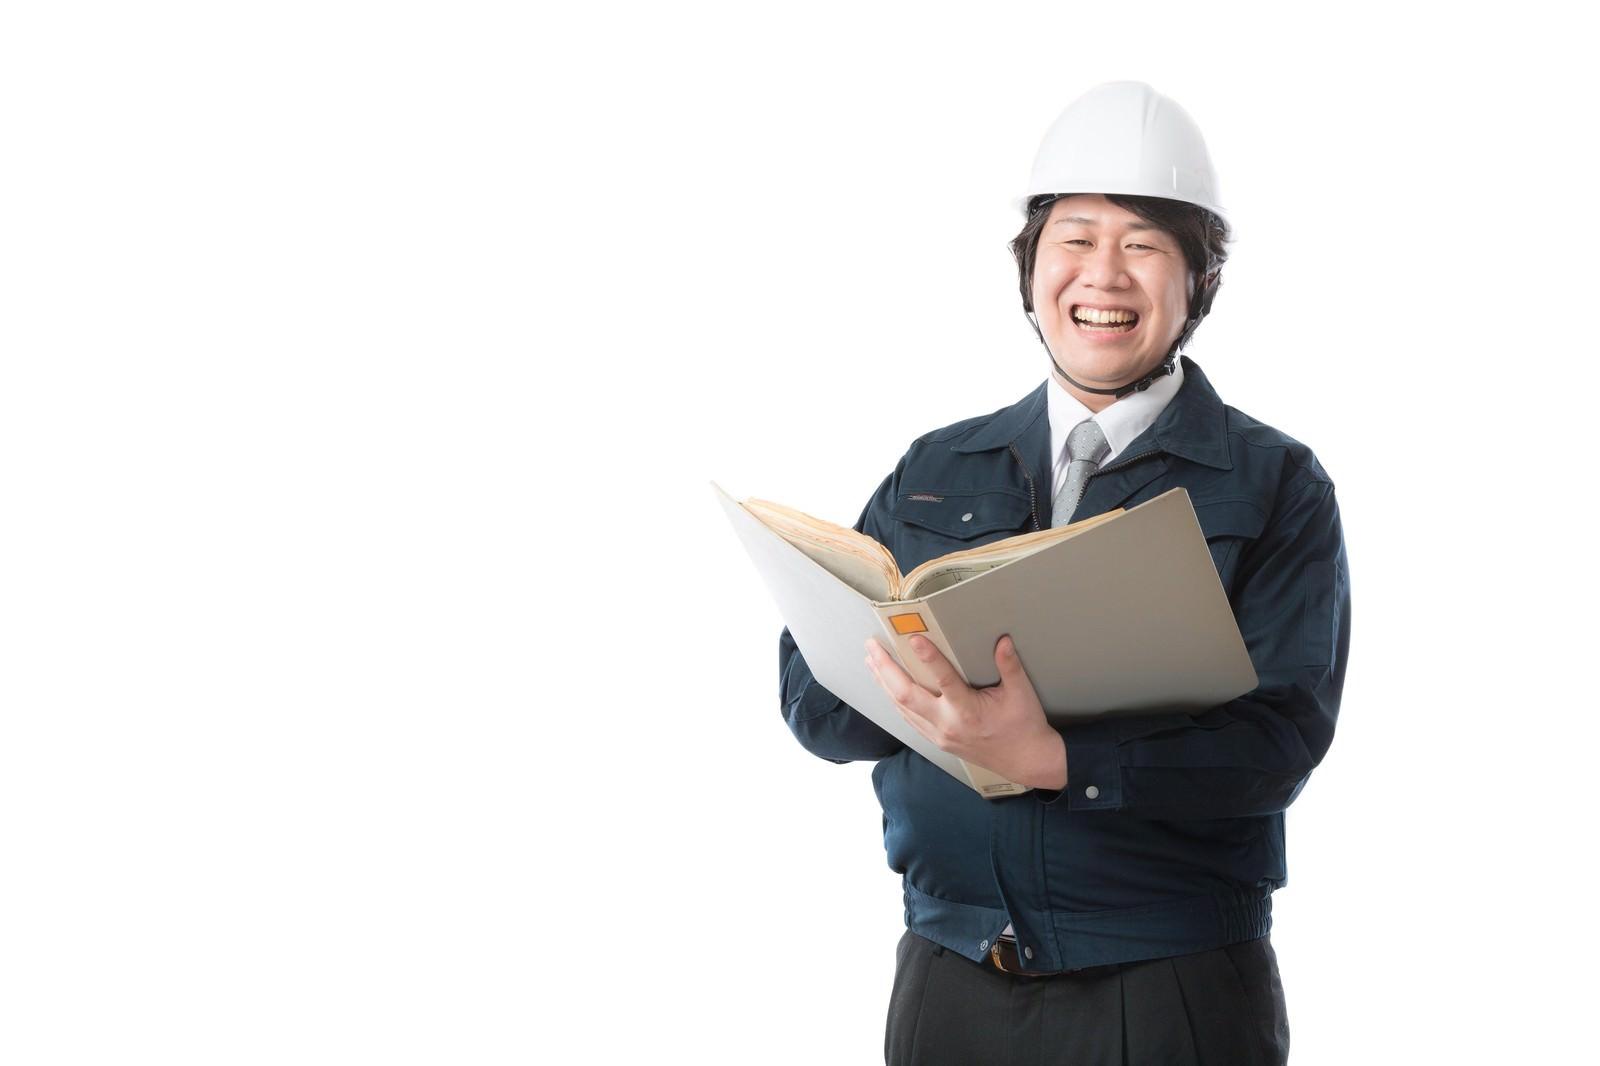 「国際的な競技場の設計監理を行う1級建築士」の写真[モデル:あまのじゃく]